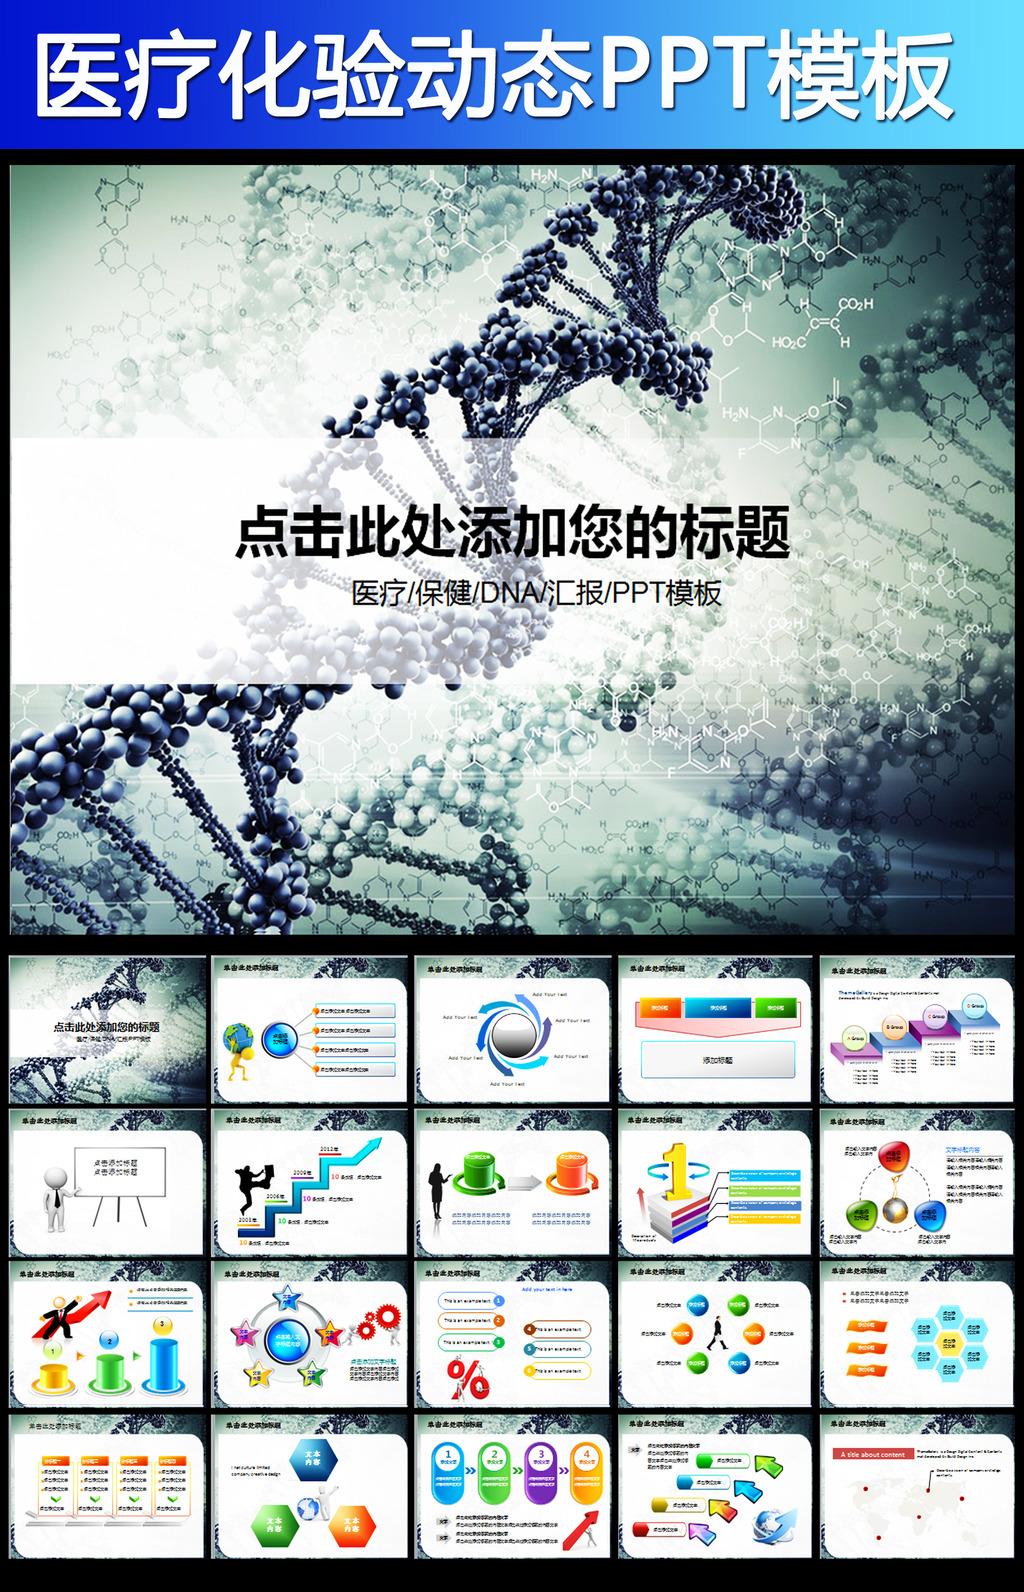 基因dna医疗医学医药动态ppt模板模板下载(图片编号:)